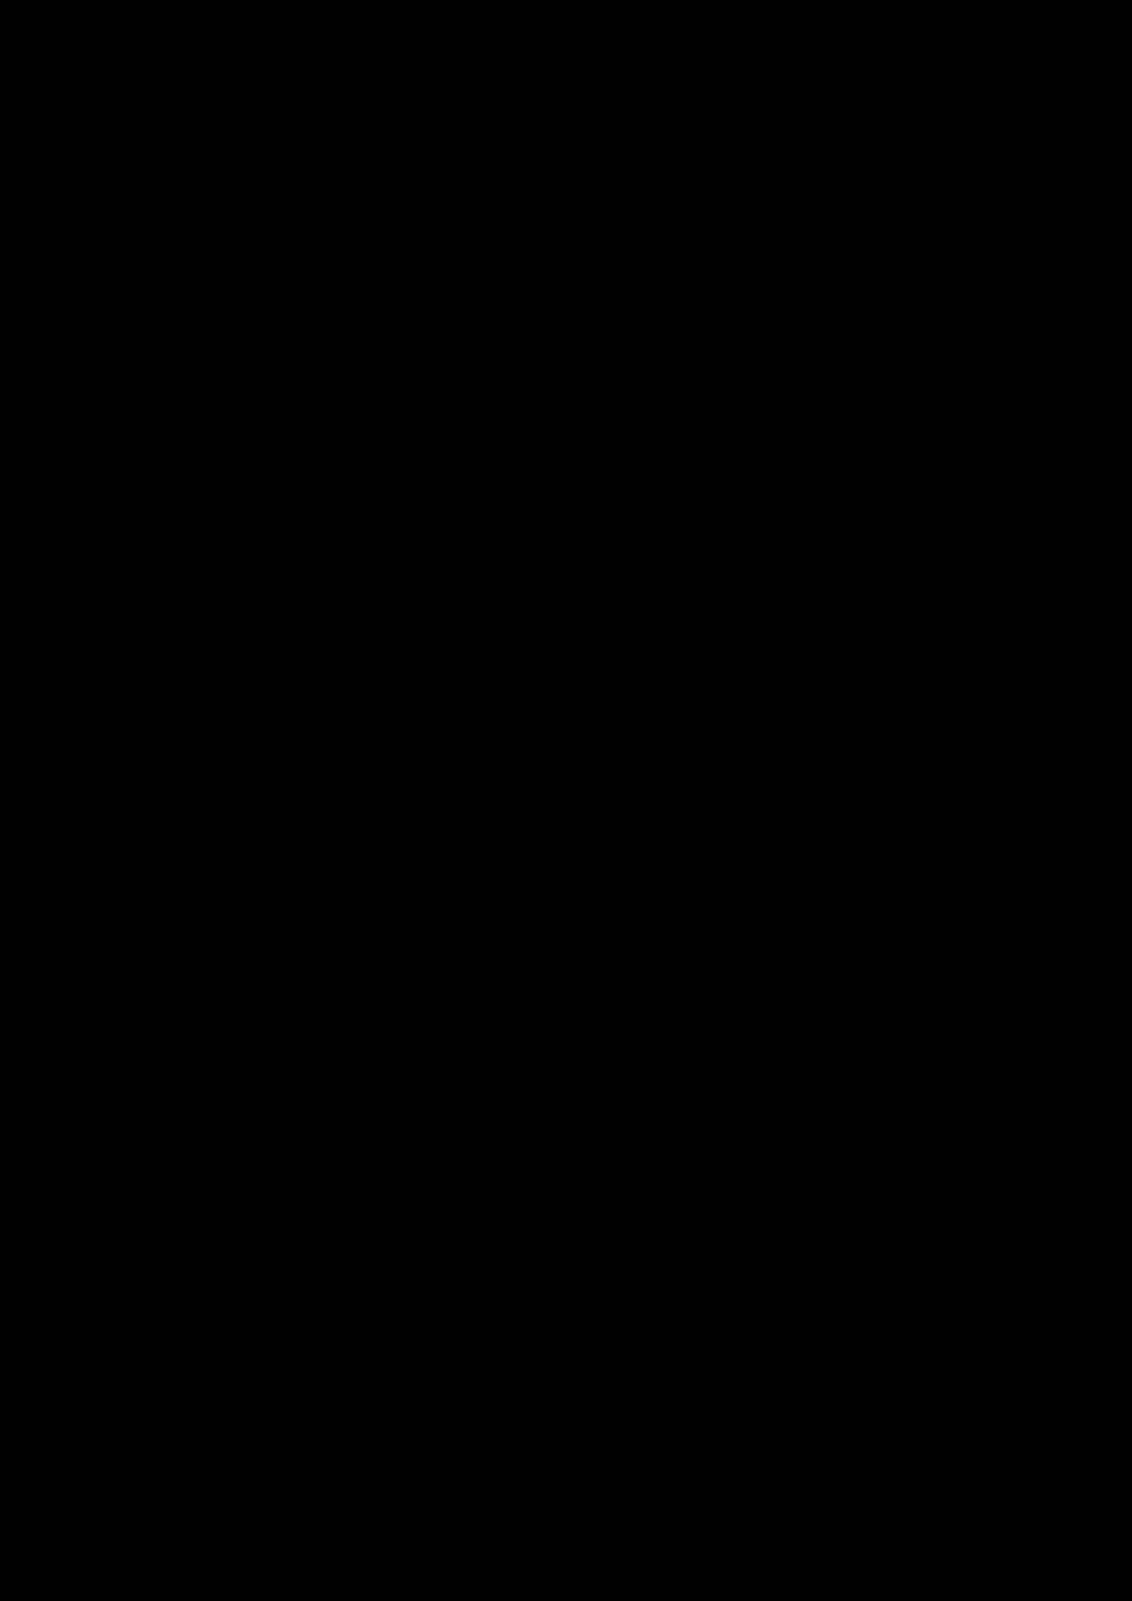 Vyibor Est slide, Image 40